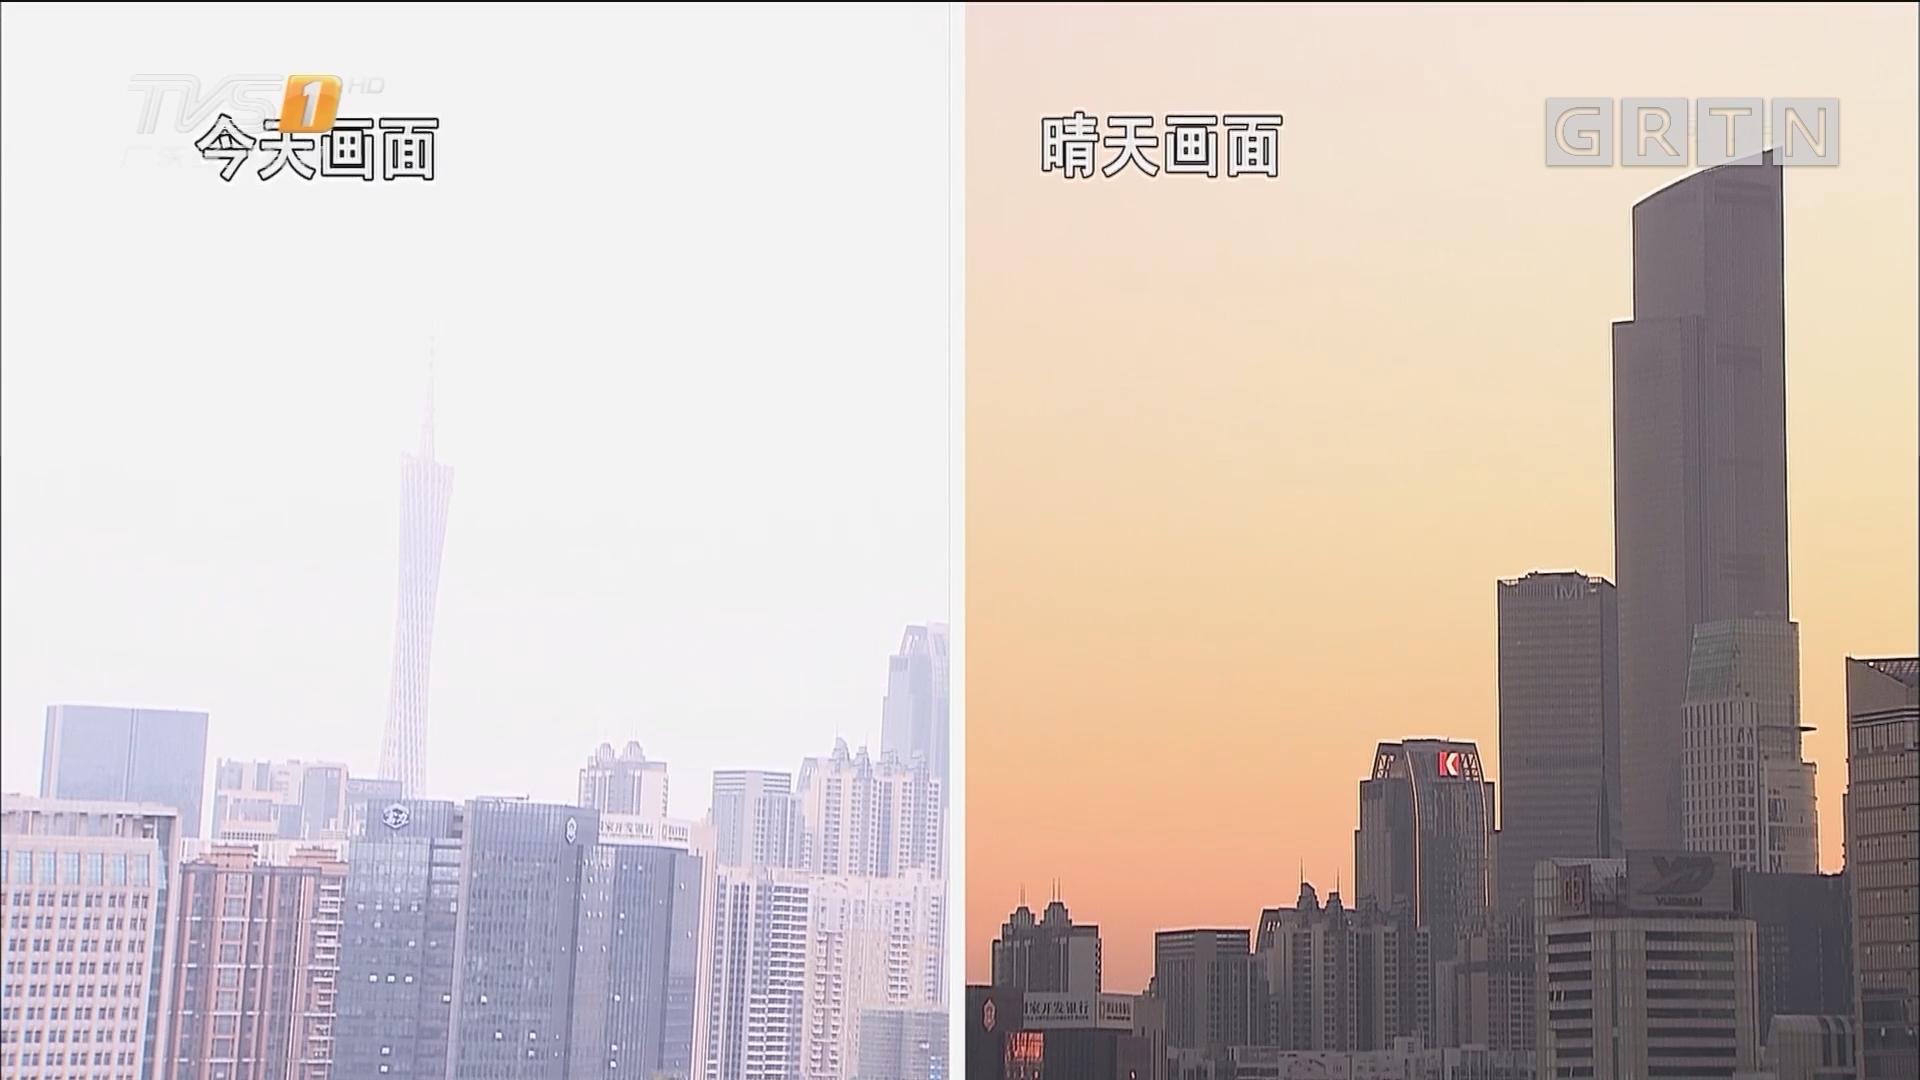 广州市区高层能见度低 雾霾天要来了?